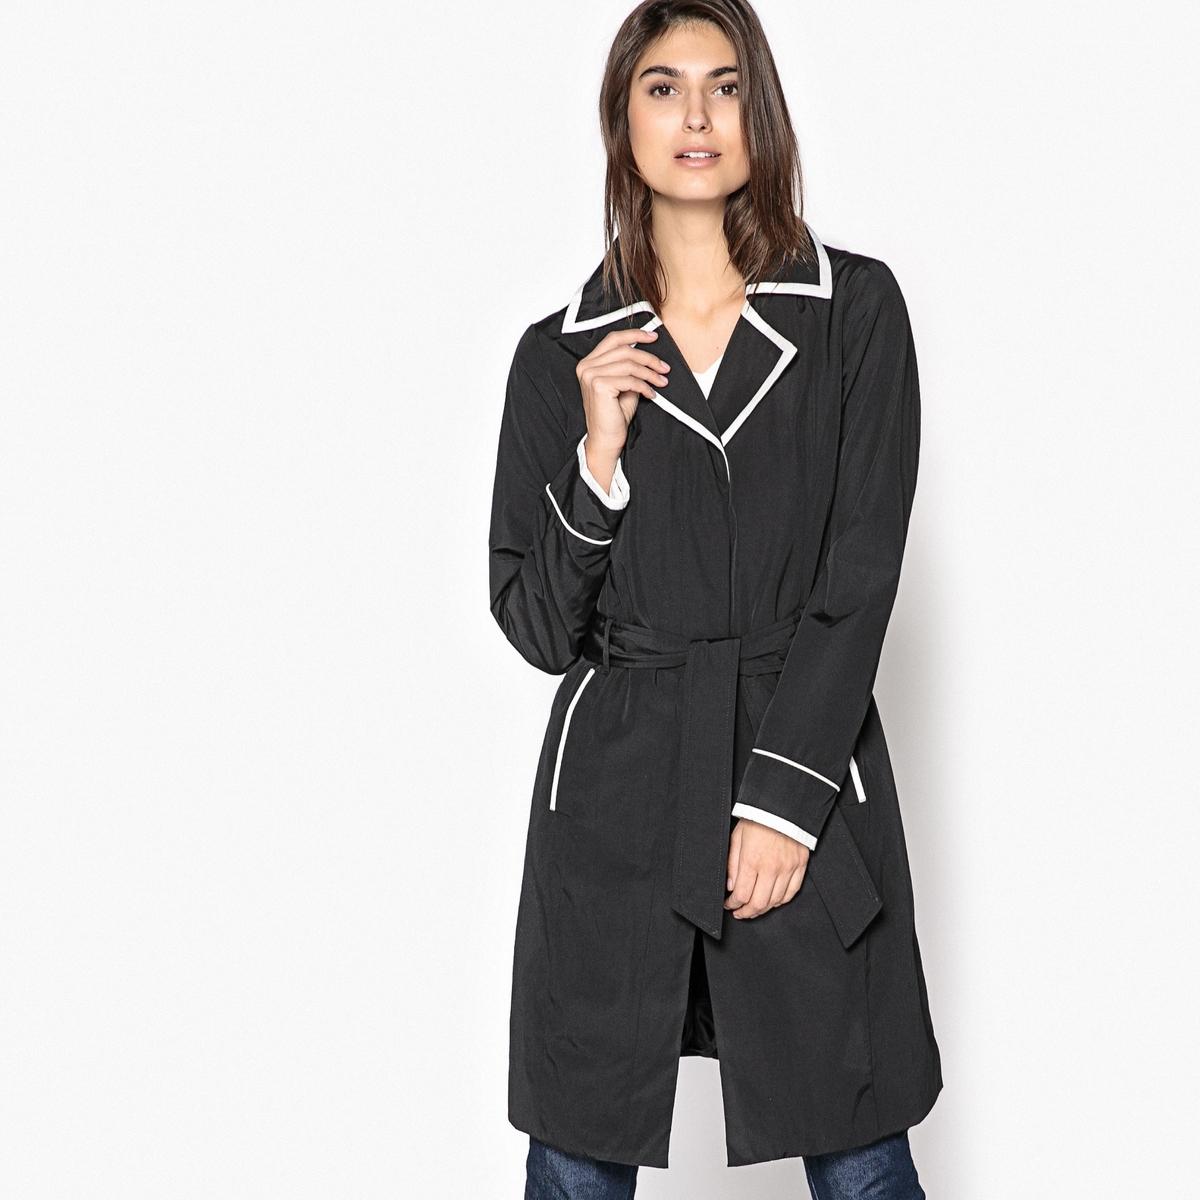 Zweifarbiger Trenchcoat| Teflon-Faserschutz | Bekleidung > Mäntel > Trenchcoats | Schwarz | Baumwolle - Polyester | ANNE WEYBURN